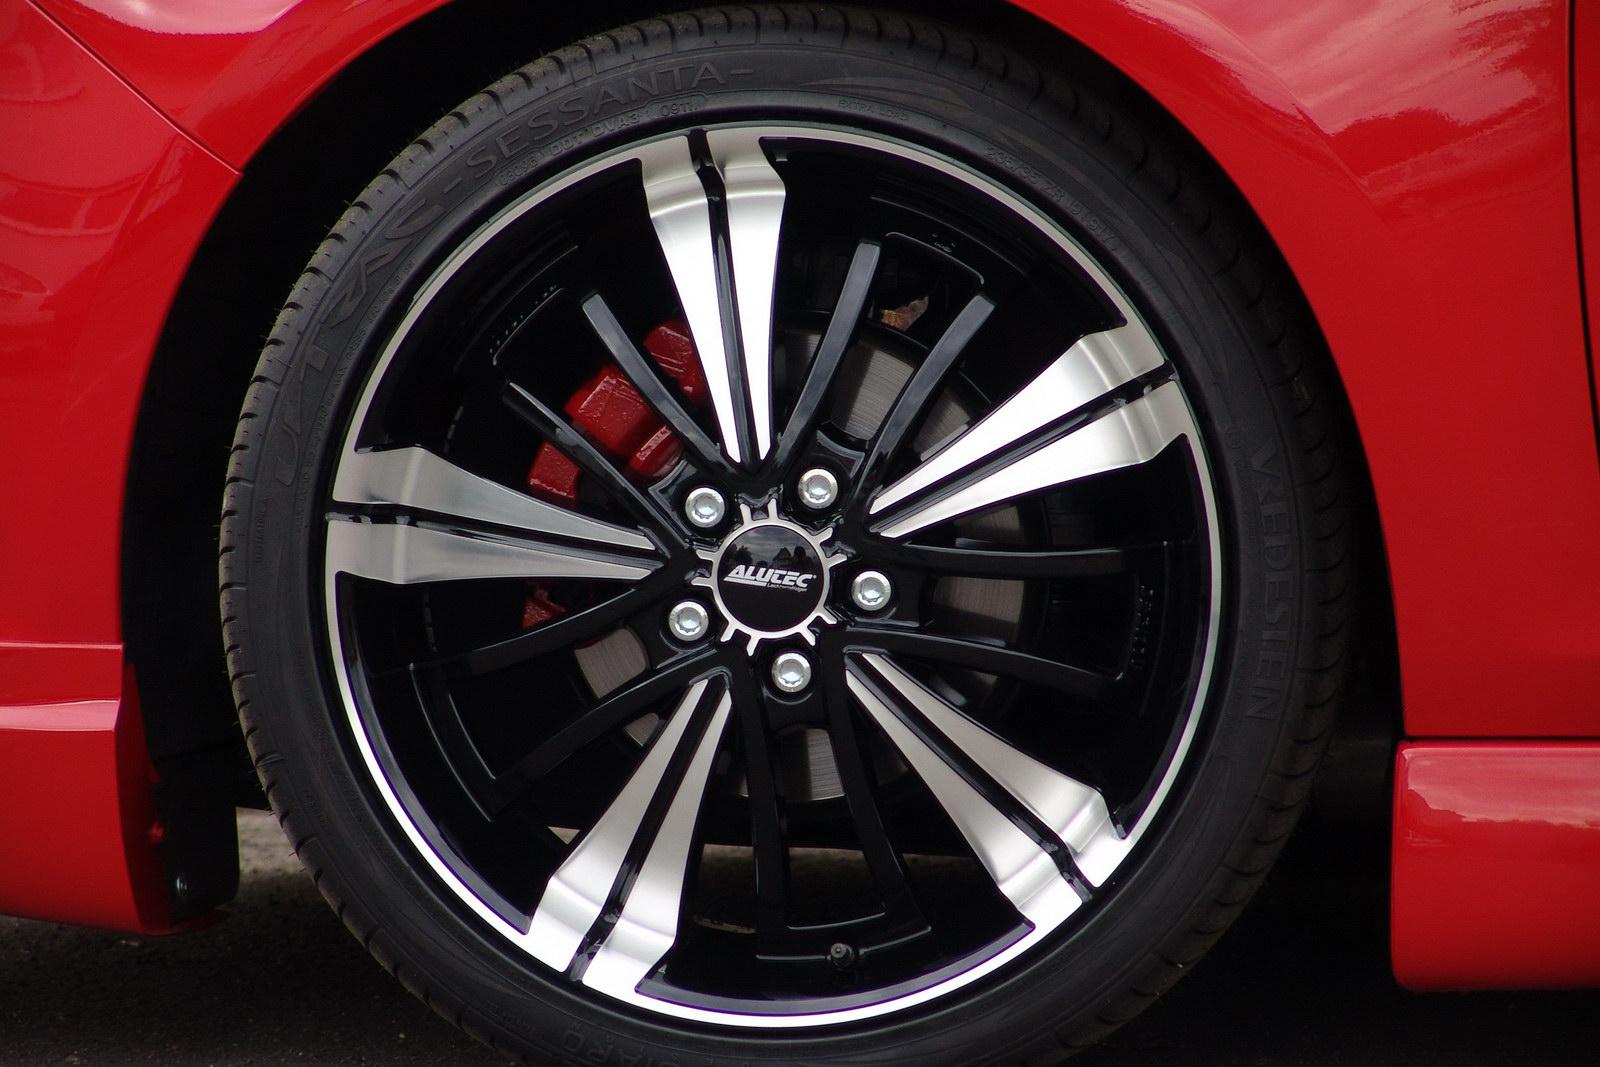 Senner vytvořil povedenou úpravu pro Opel Astra 3